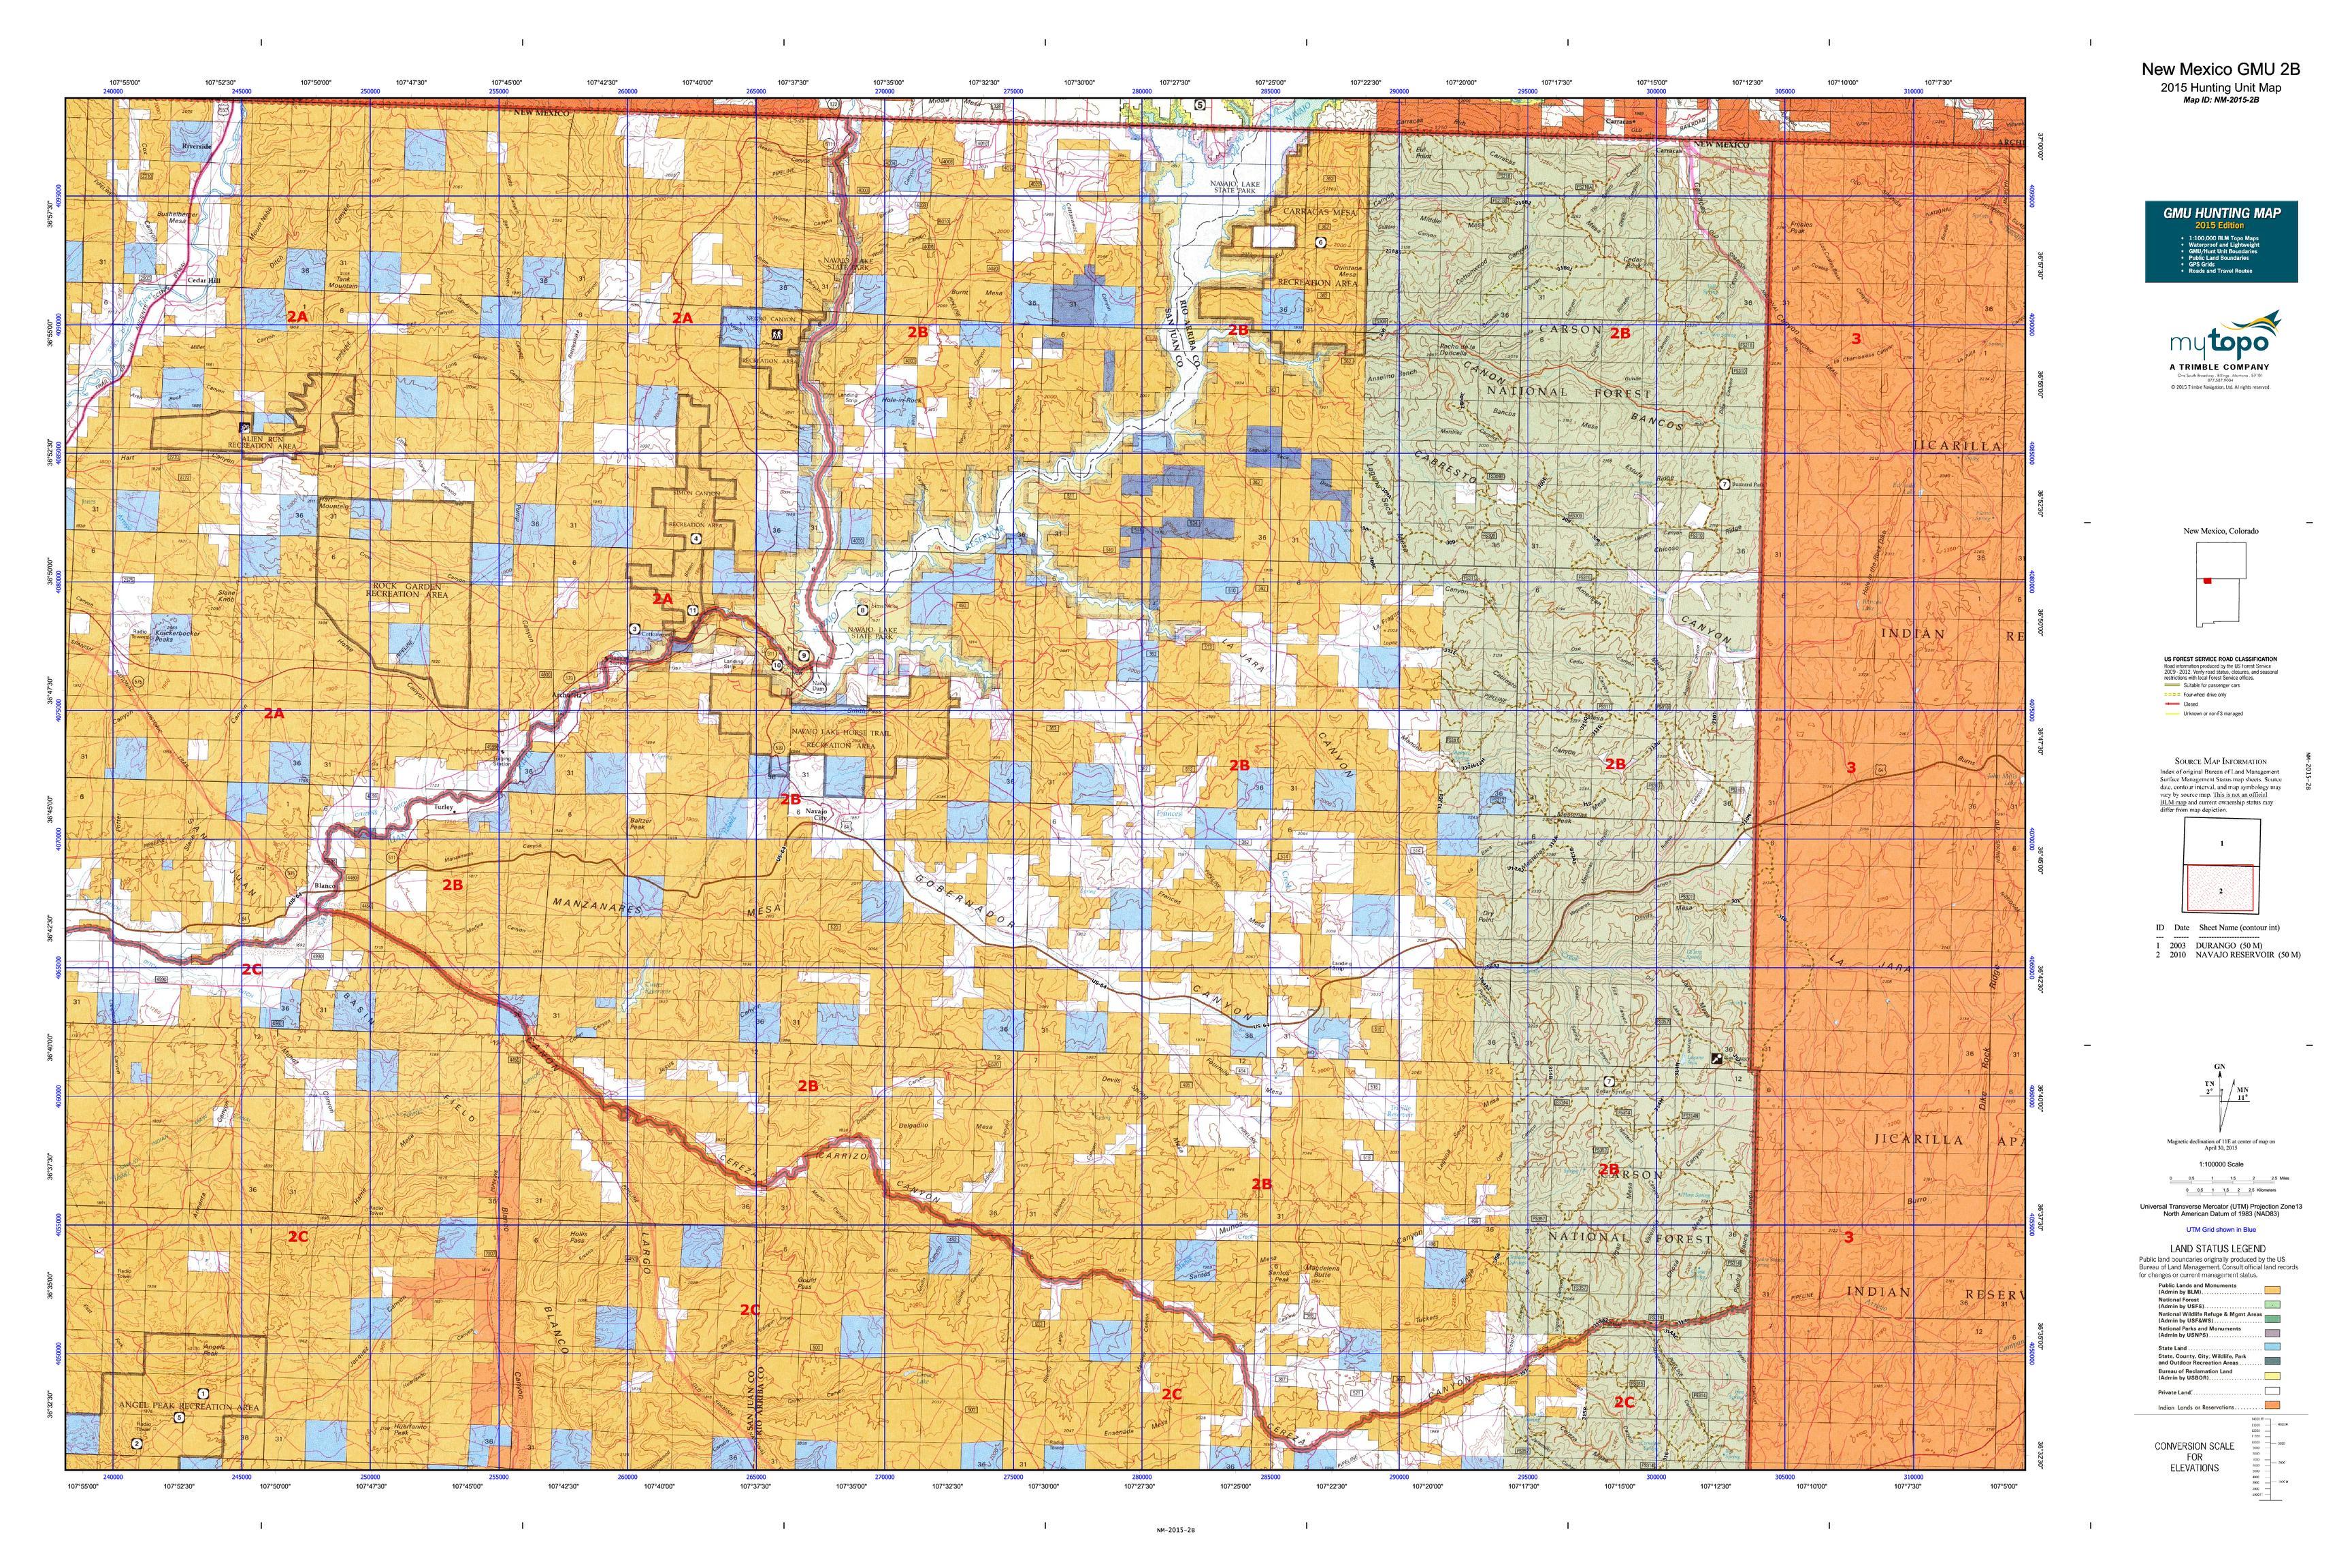 New Mexico GMU 2B Map  MyTopo